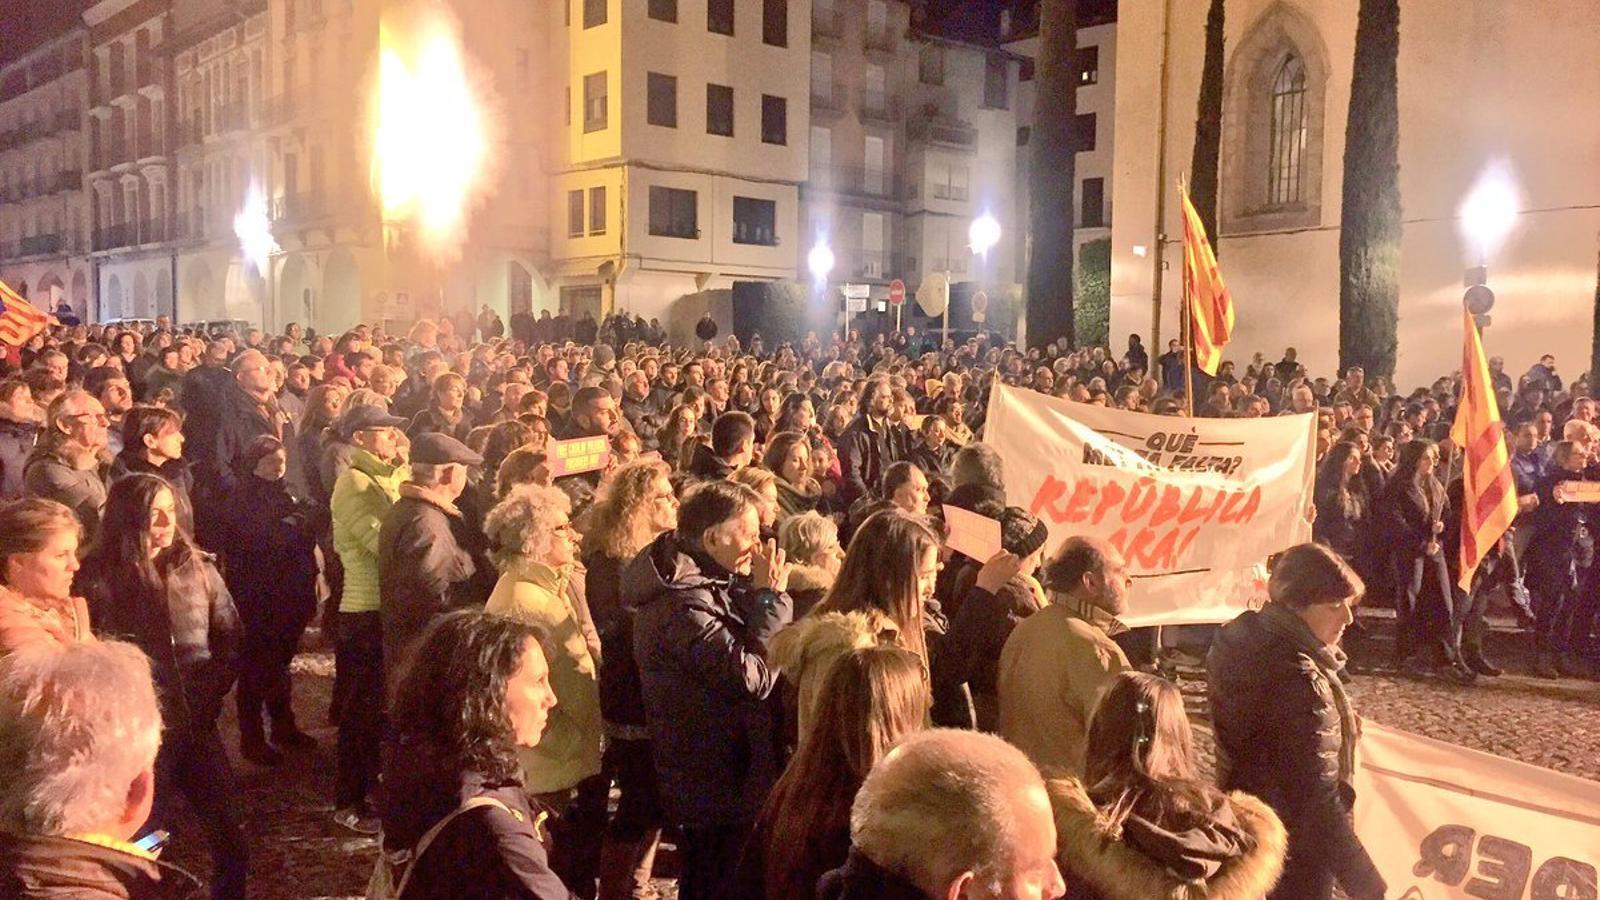 Concentració a la plaça dels Oms de la Seu d'Urgell, aquest divendres al vespre. / TWITTER ALBERT BATALLA